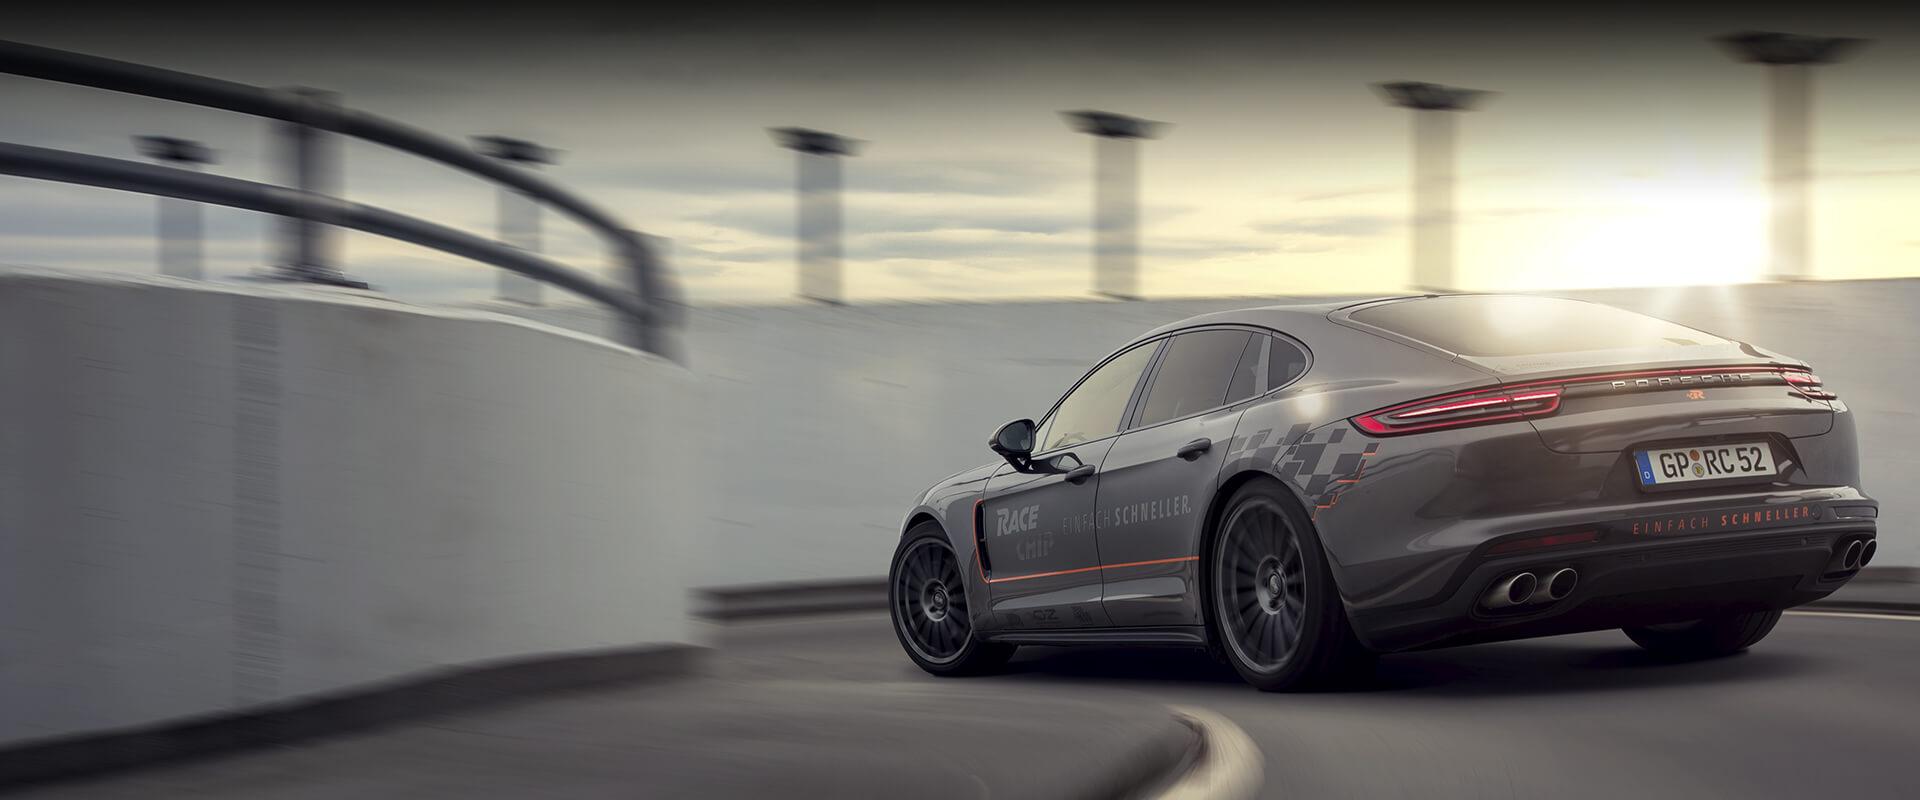 A6 Audi Racechip Erfahrungen